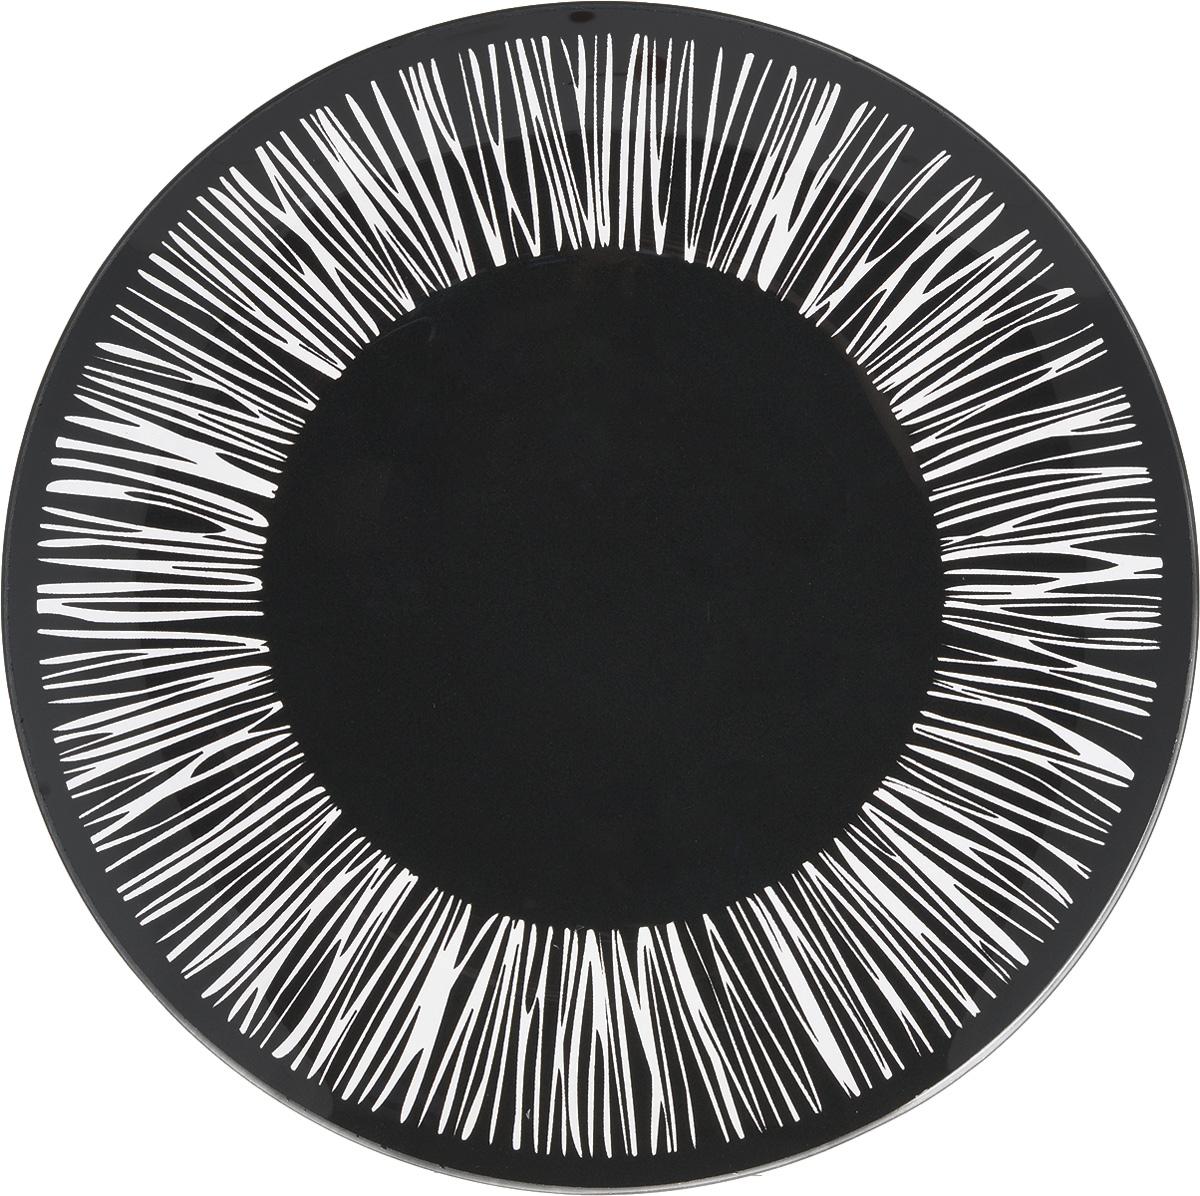 Тарелка NiNaGlass Витас, цвет: черный, диаметр 26 см400202Тарелка NiNaGlass Витас изготовлена извысококачественного стекла. Изделие декорированооригинальным дизайном. Такая тарелка отлично подойдет вкачестве блюда, она идеальна для сервировки закусок,нарезок, горячих блюд. Тарелка прекрасно дополнитсервировку стола и порадует вас оригинальным дизайном. Диаметр тарелки: 26 см. Высота тарелки: 2,5 см.